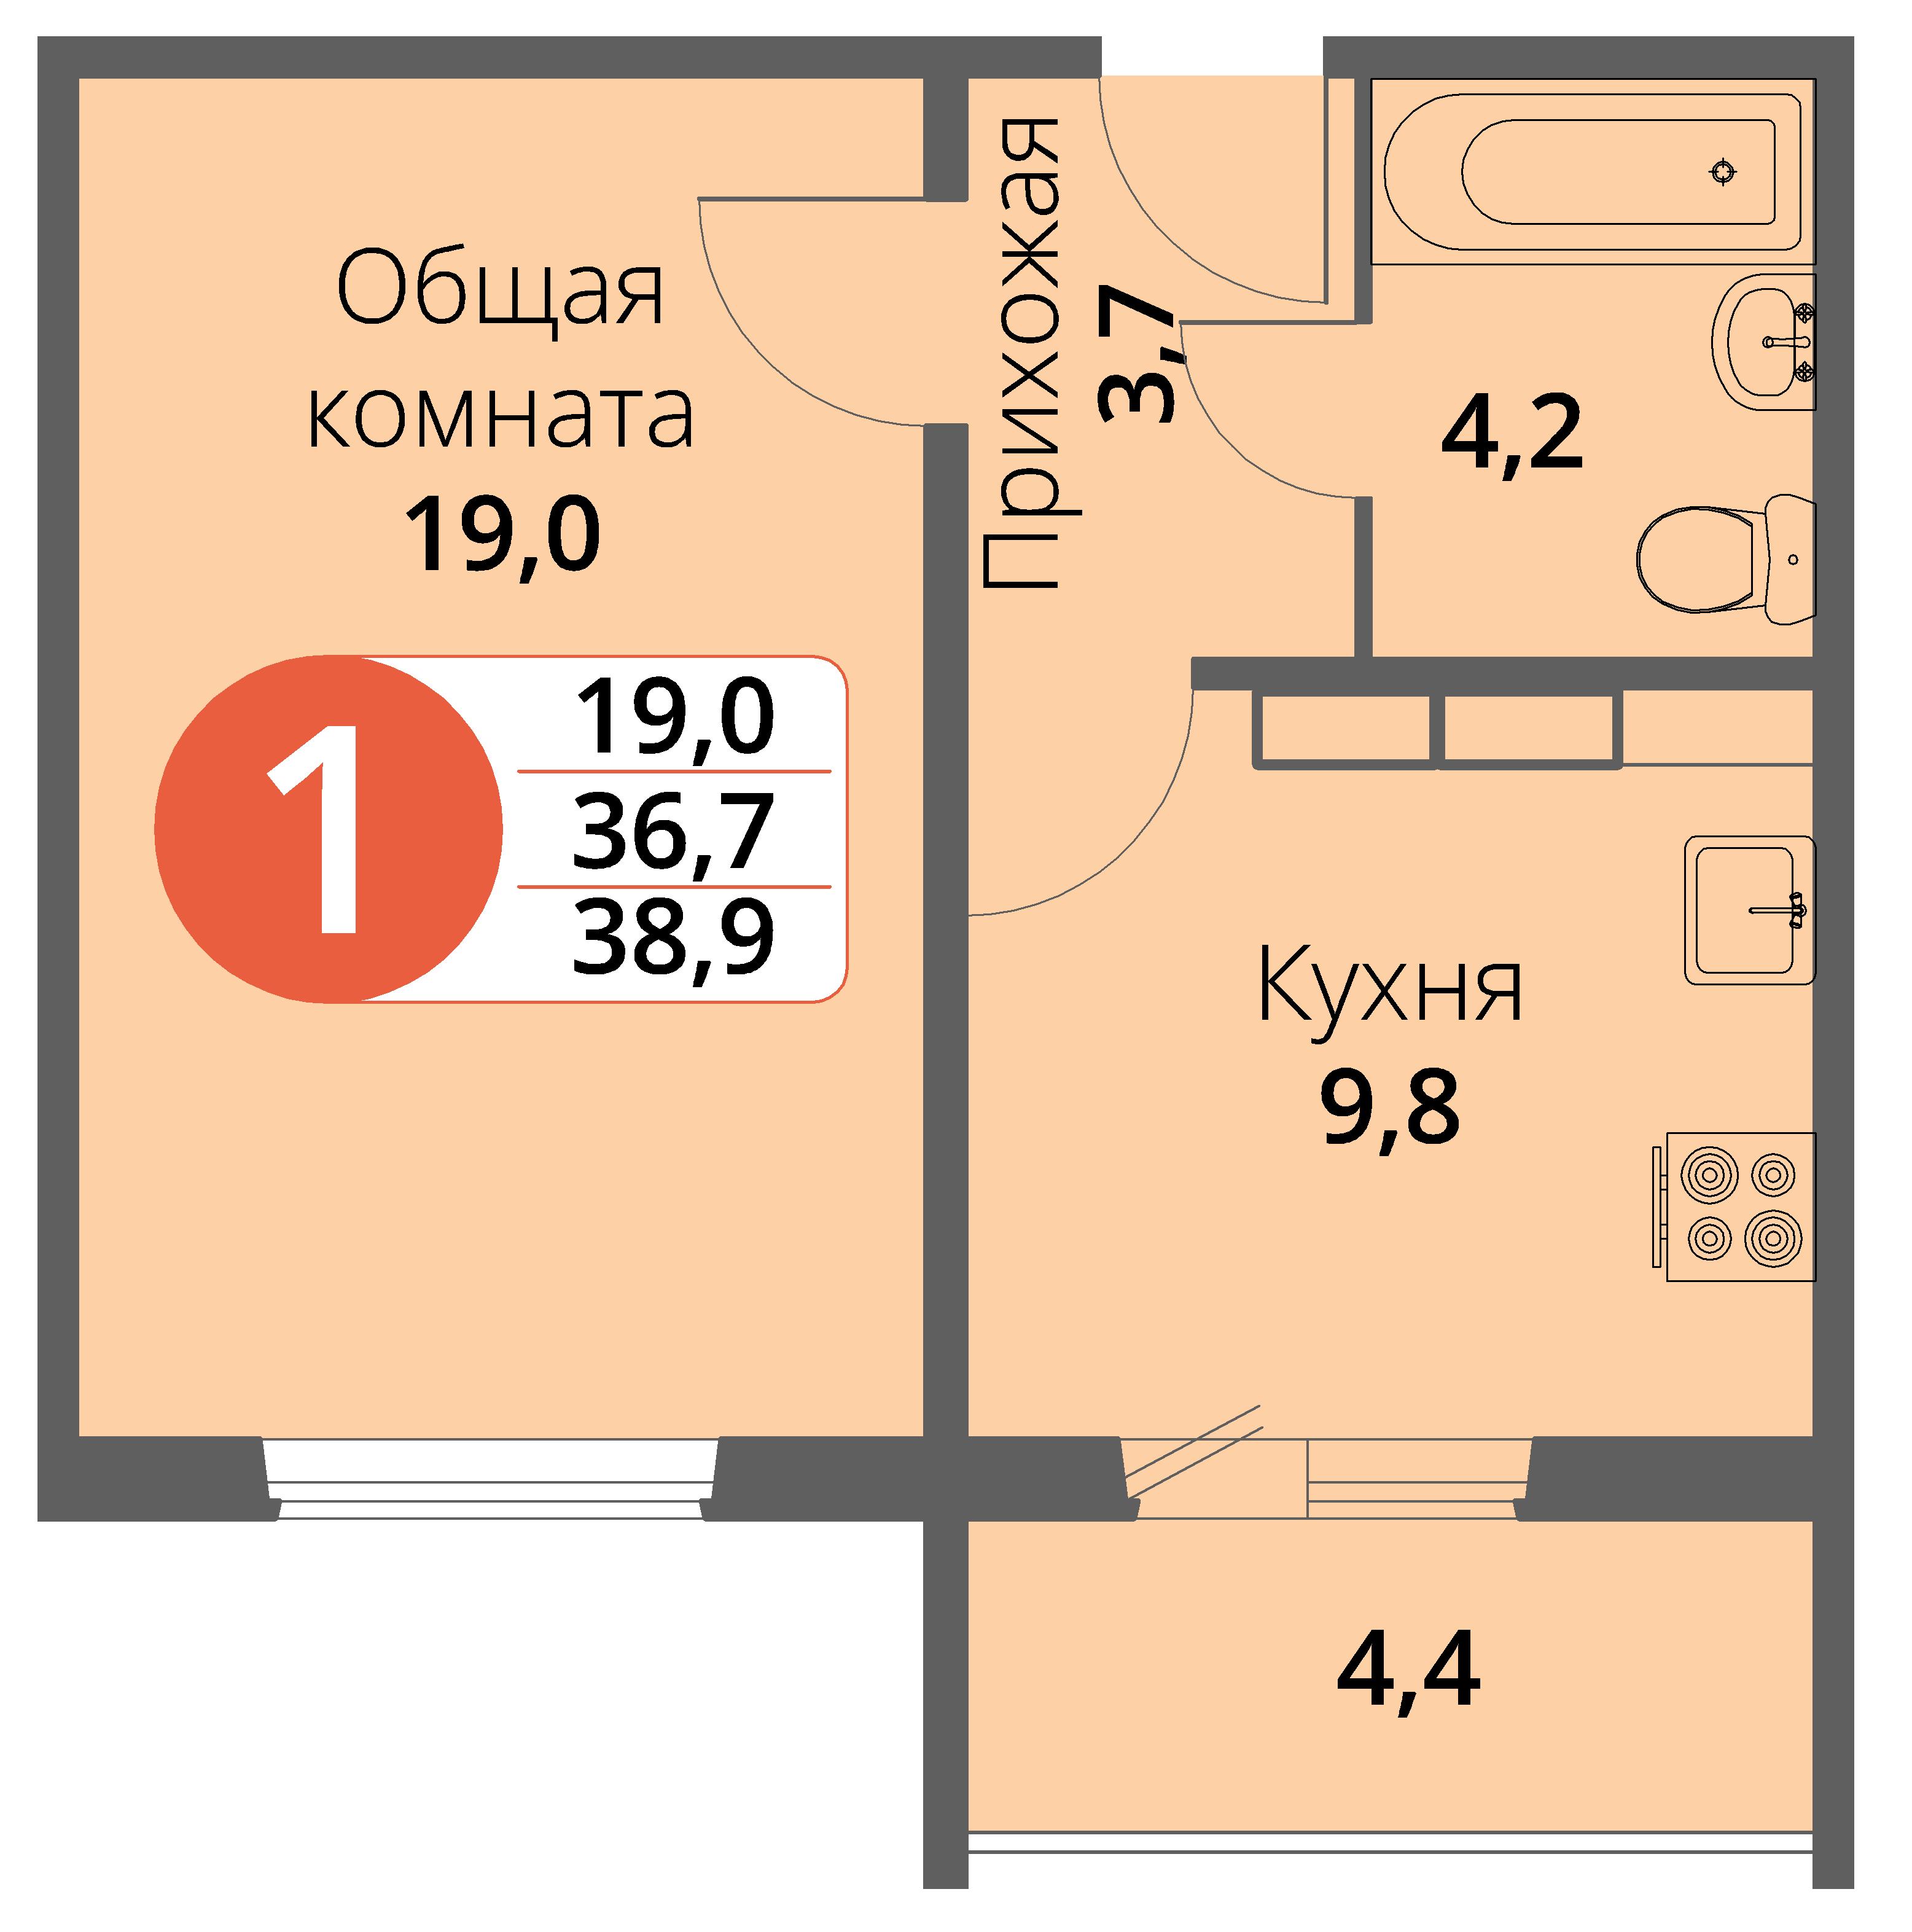 Зареченская 1-2, квартира 89 - Однокомнатная